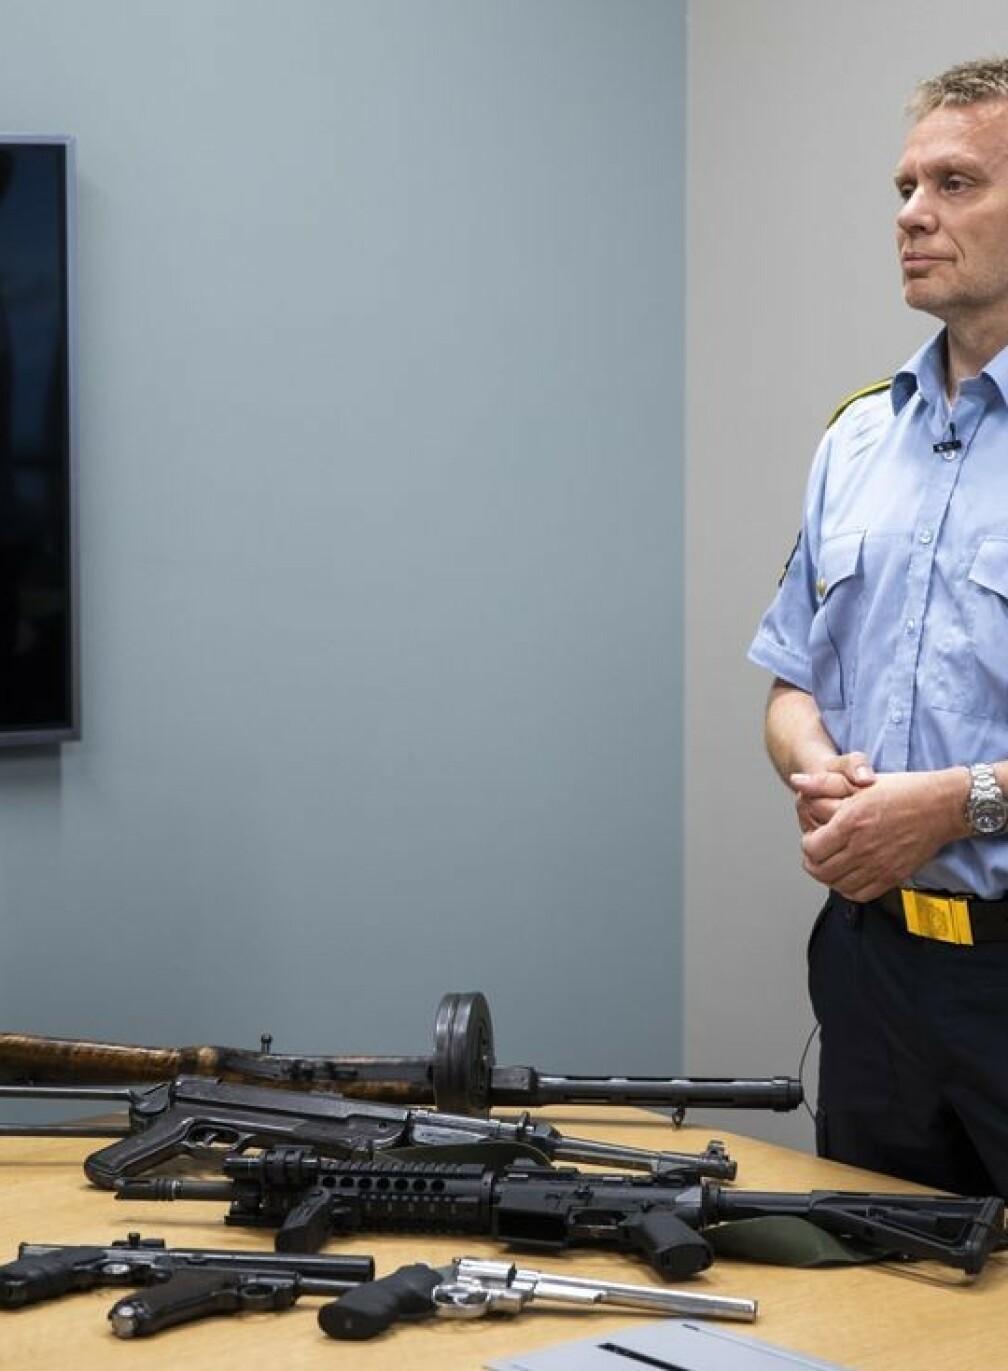 Politiet om to forsvarsansatte: Siktet for underslag av våpen